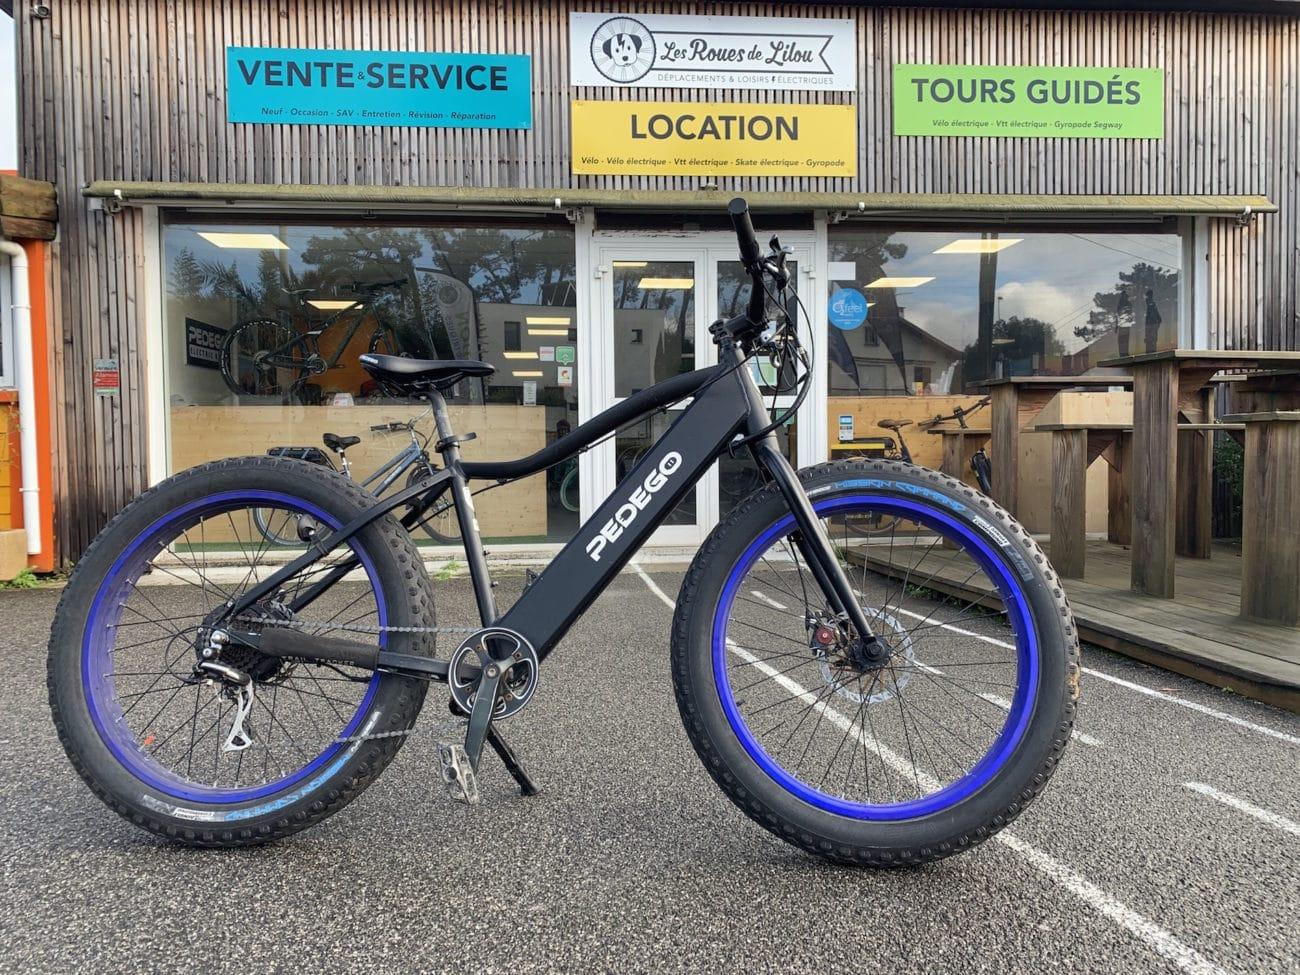 fat-bikes-trail-tracker-occasion-les-roues-de-lilou